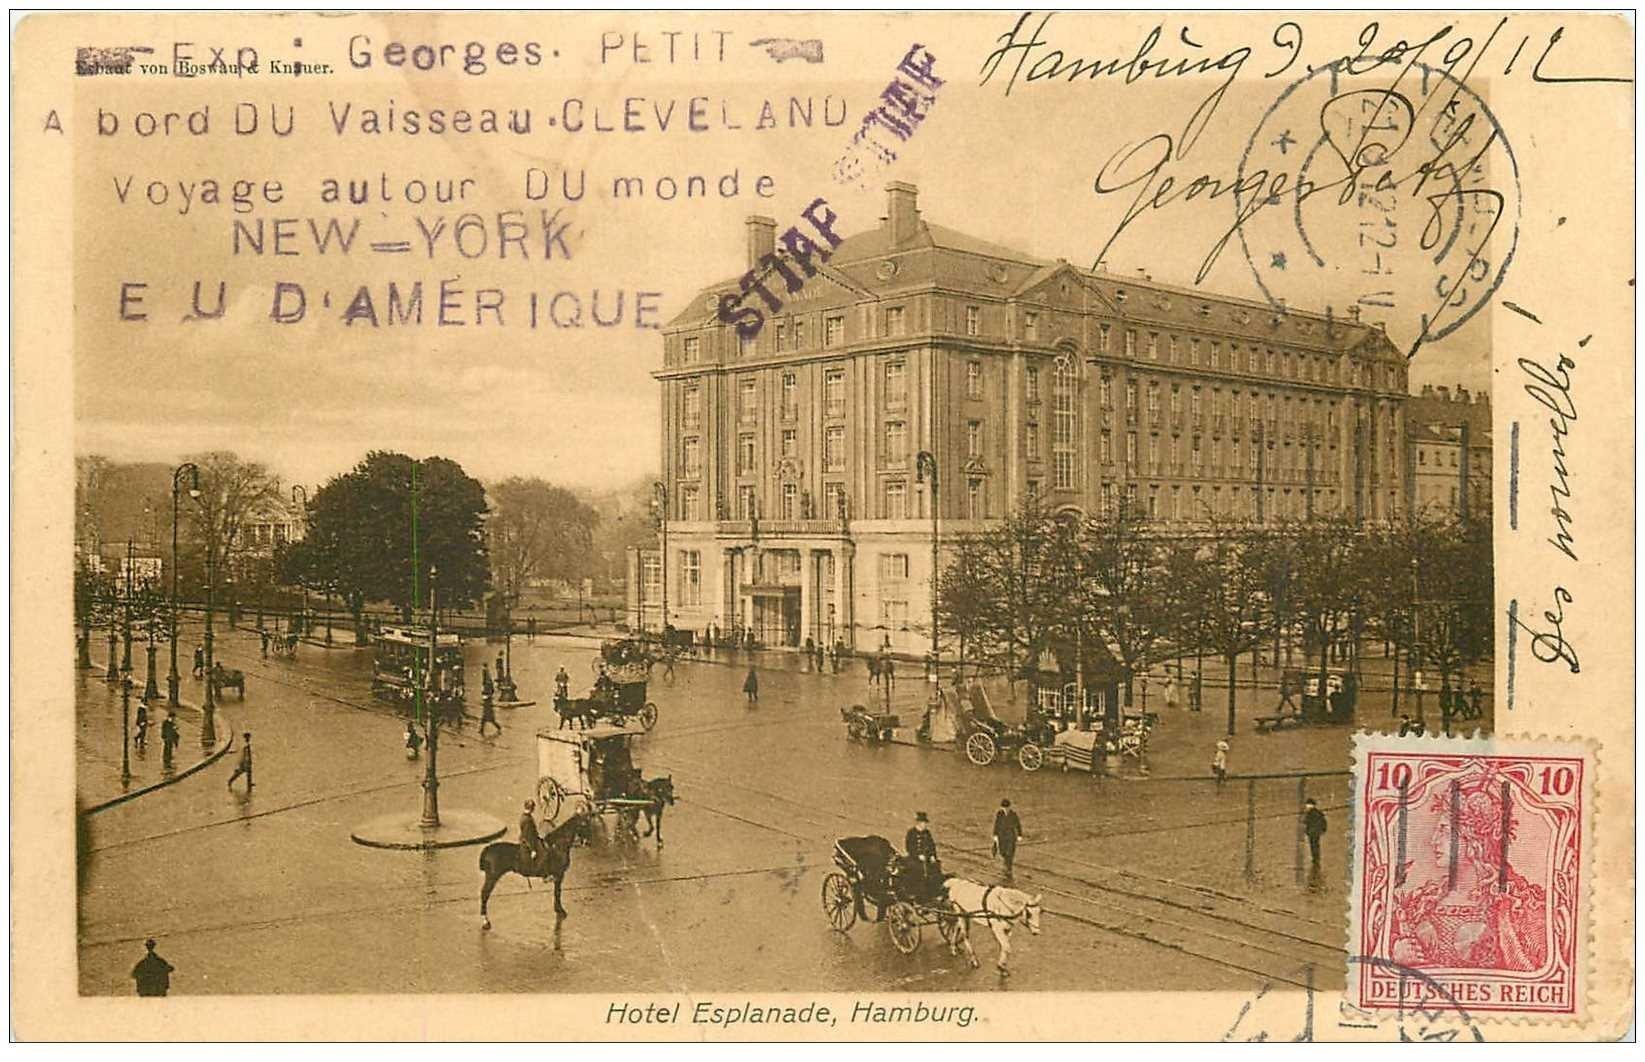 carte postale ancienne Rare HAMBURG. Carte envoyée par Georges Petit à bord du Vaisseau Cleveland voyage